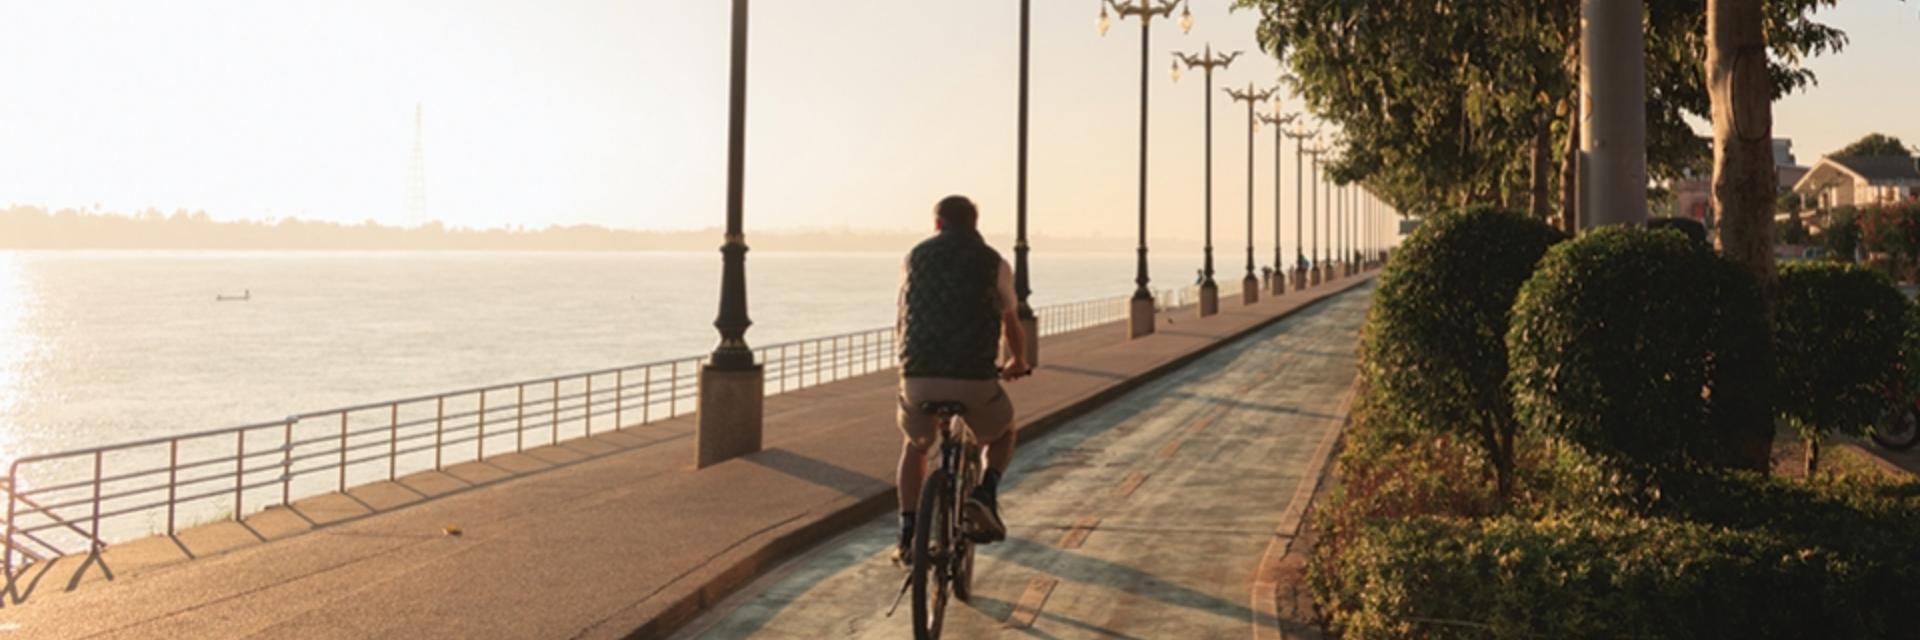 เช่าจักรยานปั่นเที่ยวเส้นทางริมโขง @ นครพนม